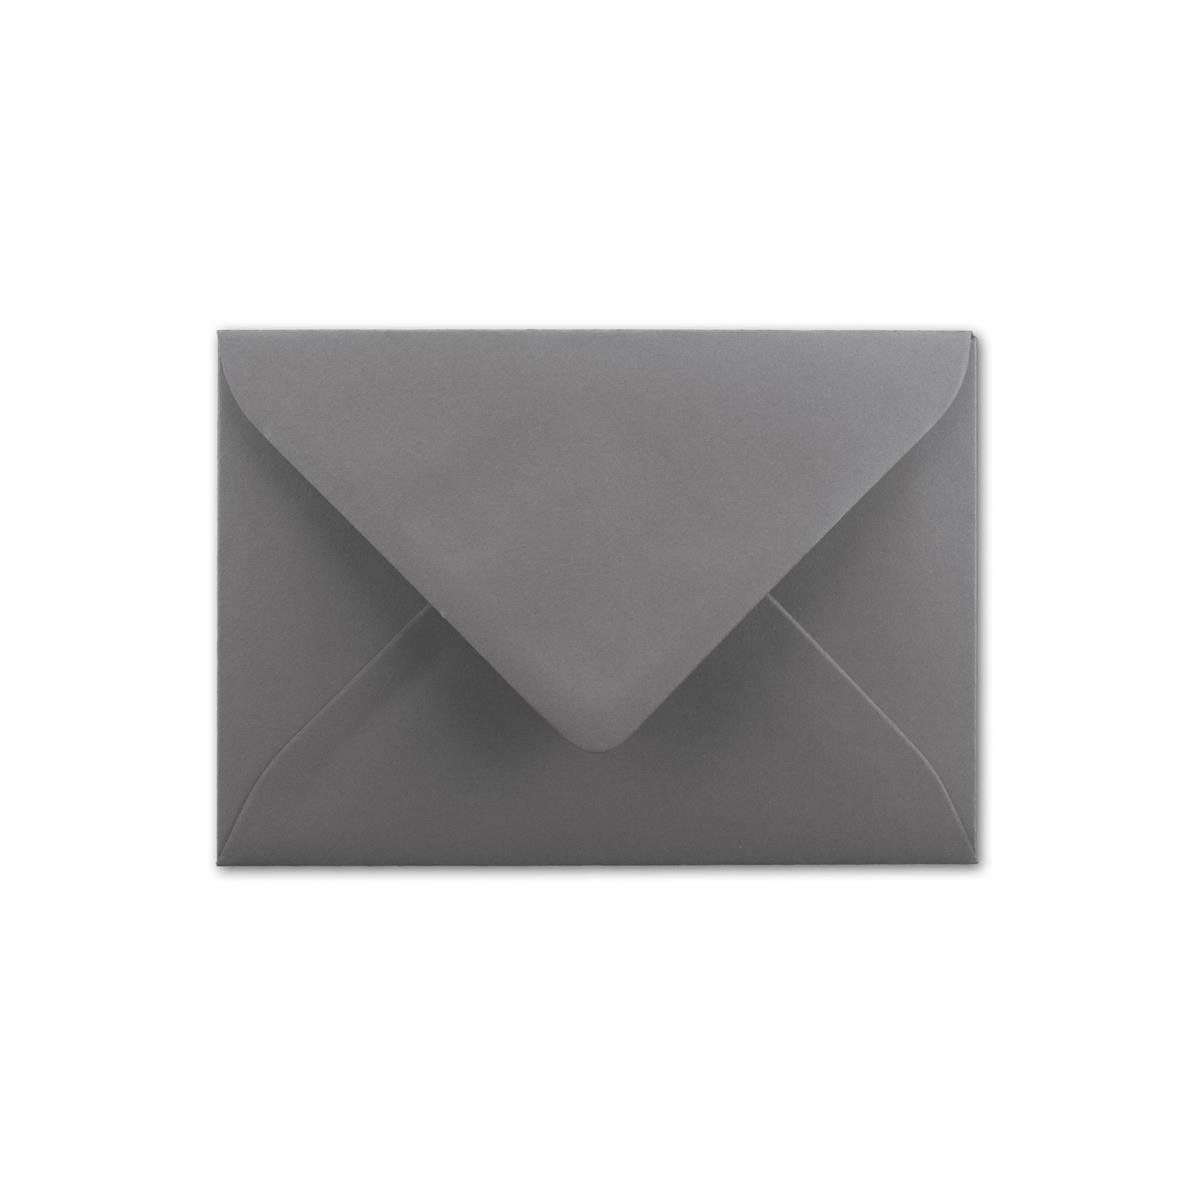 breite edle Verschluss-Lasche Haftklebung 120 g//m/² hochwertige Einladungs-Umschl/äge Rosa 50x Brief-Umschl/äge B6 12,5 x 17,5 cm